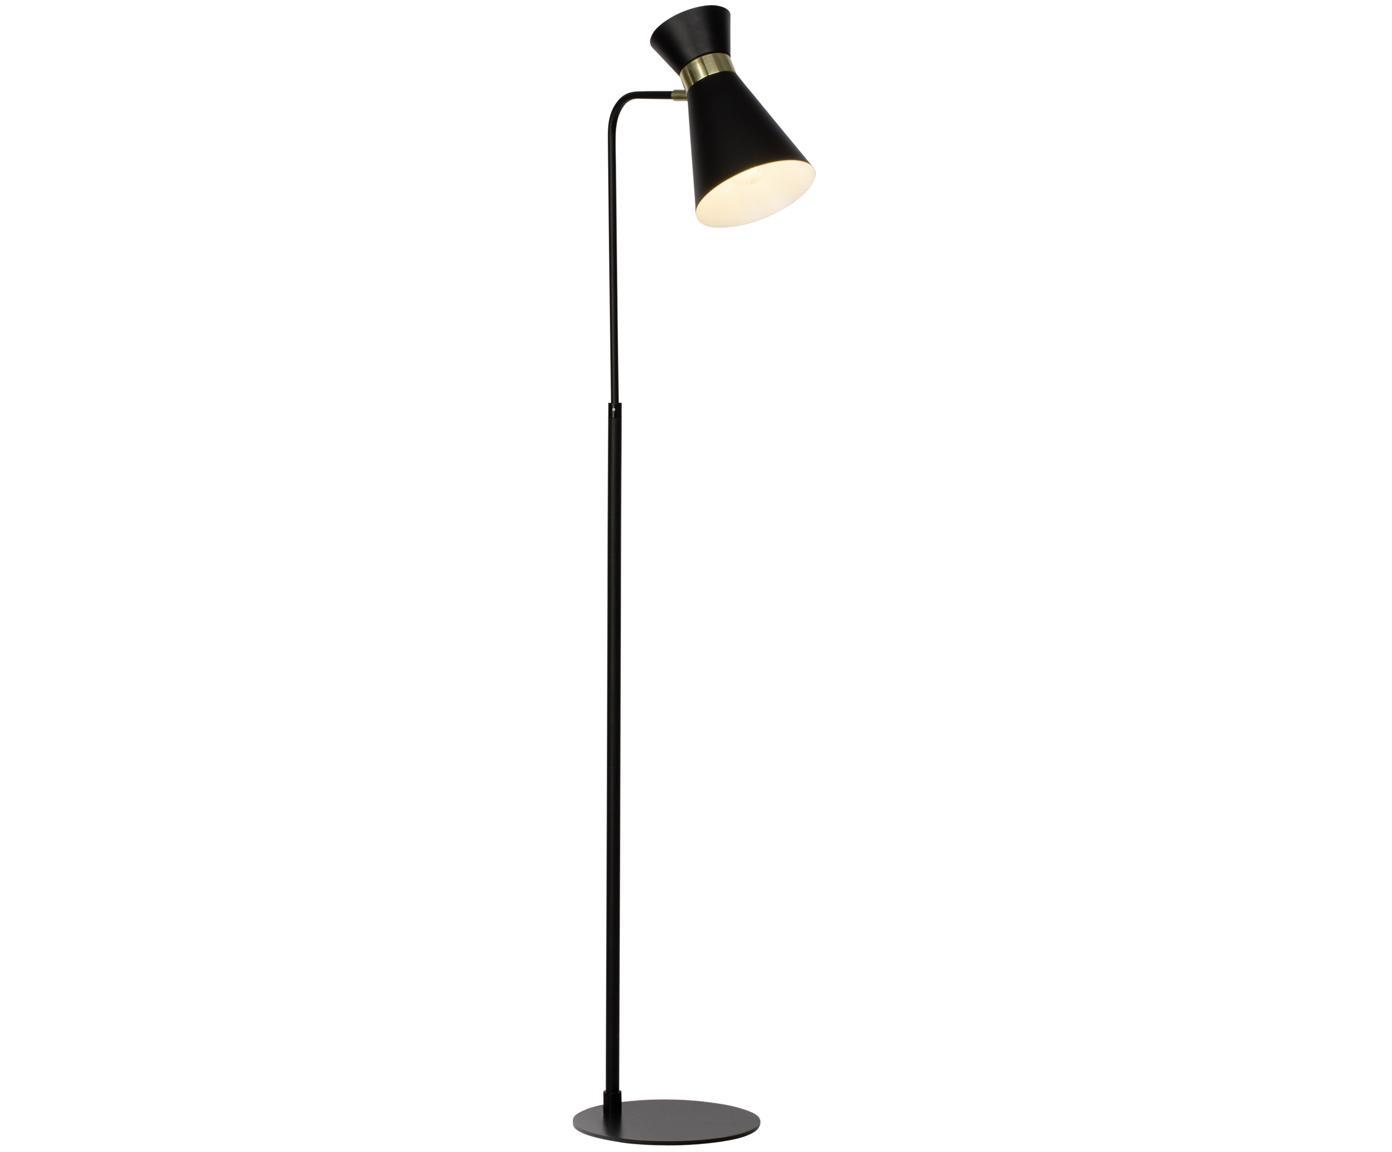 Leselampe Grazia, verstellbar, Metall, lackiert, Lampenfuß und Lampenschirm: Schwarz<br>Befestigung: Goldfarben, matt, 39 x 144 cm